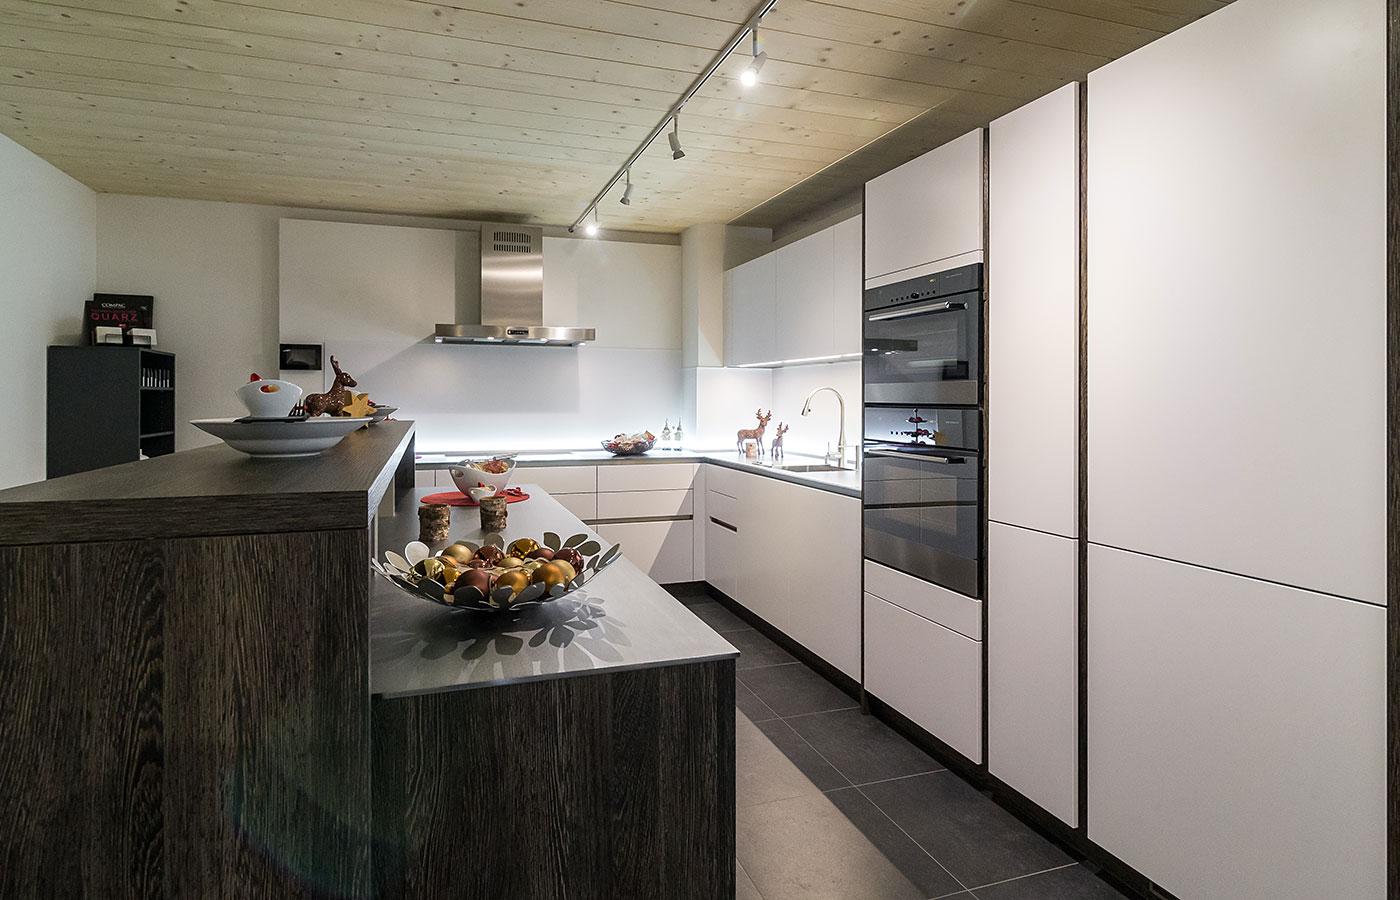 Küchengalerie: Einblicke in unsere Küchenausstellung | {Küchen galerie 9}